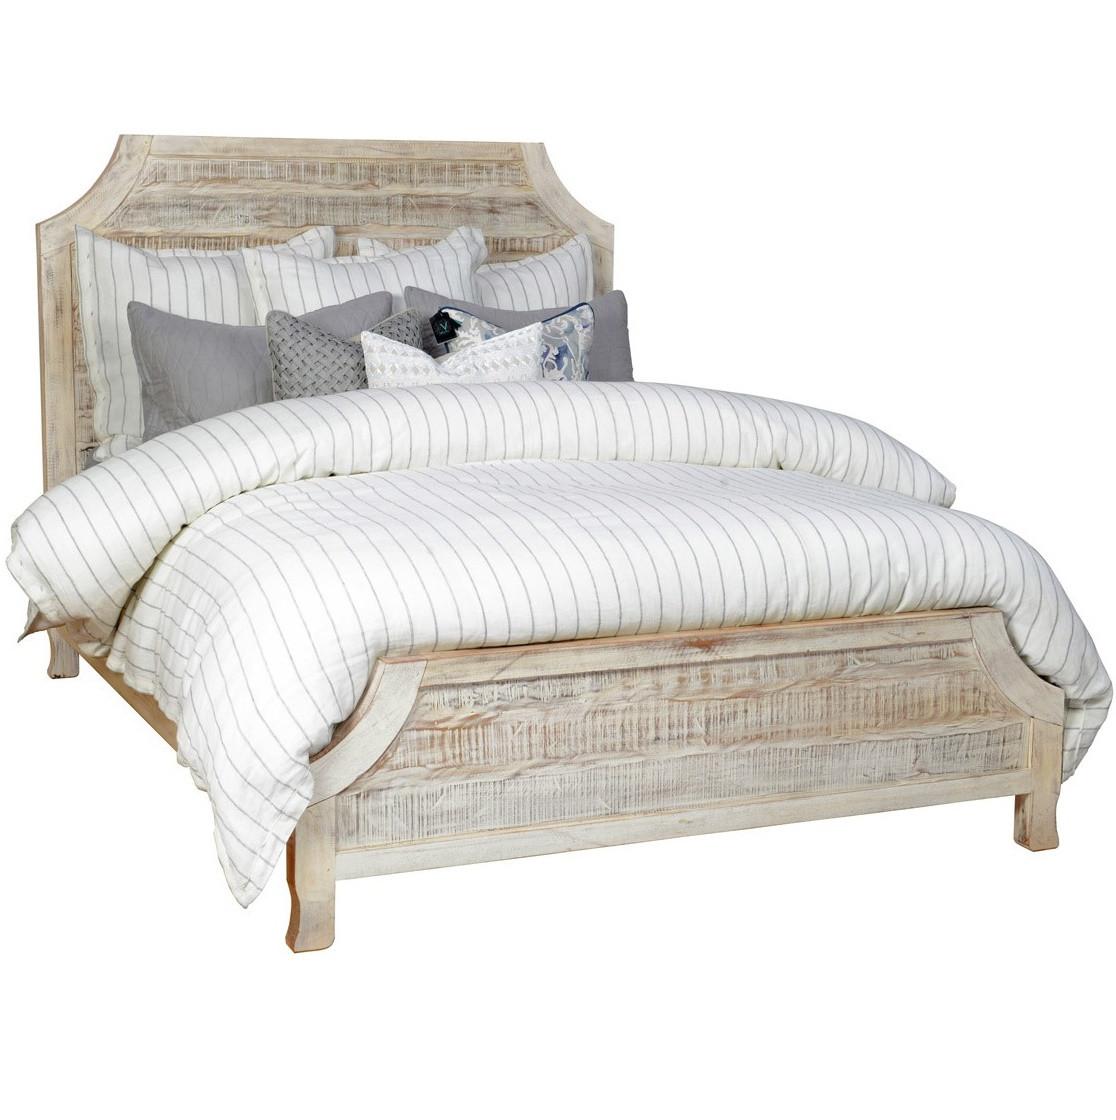 aria reclaimed wood queen bed - Wooden Queen Bed Frame